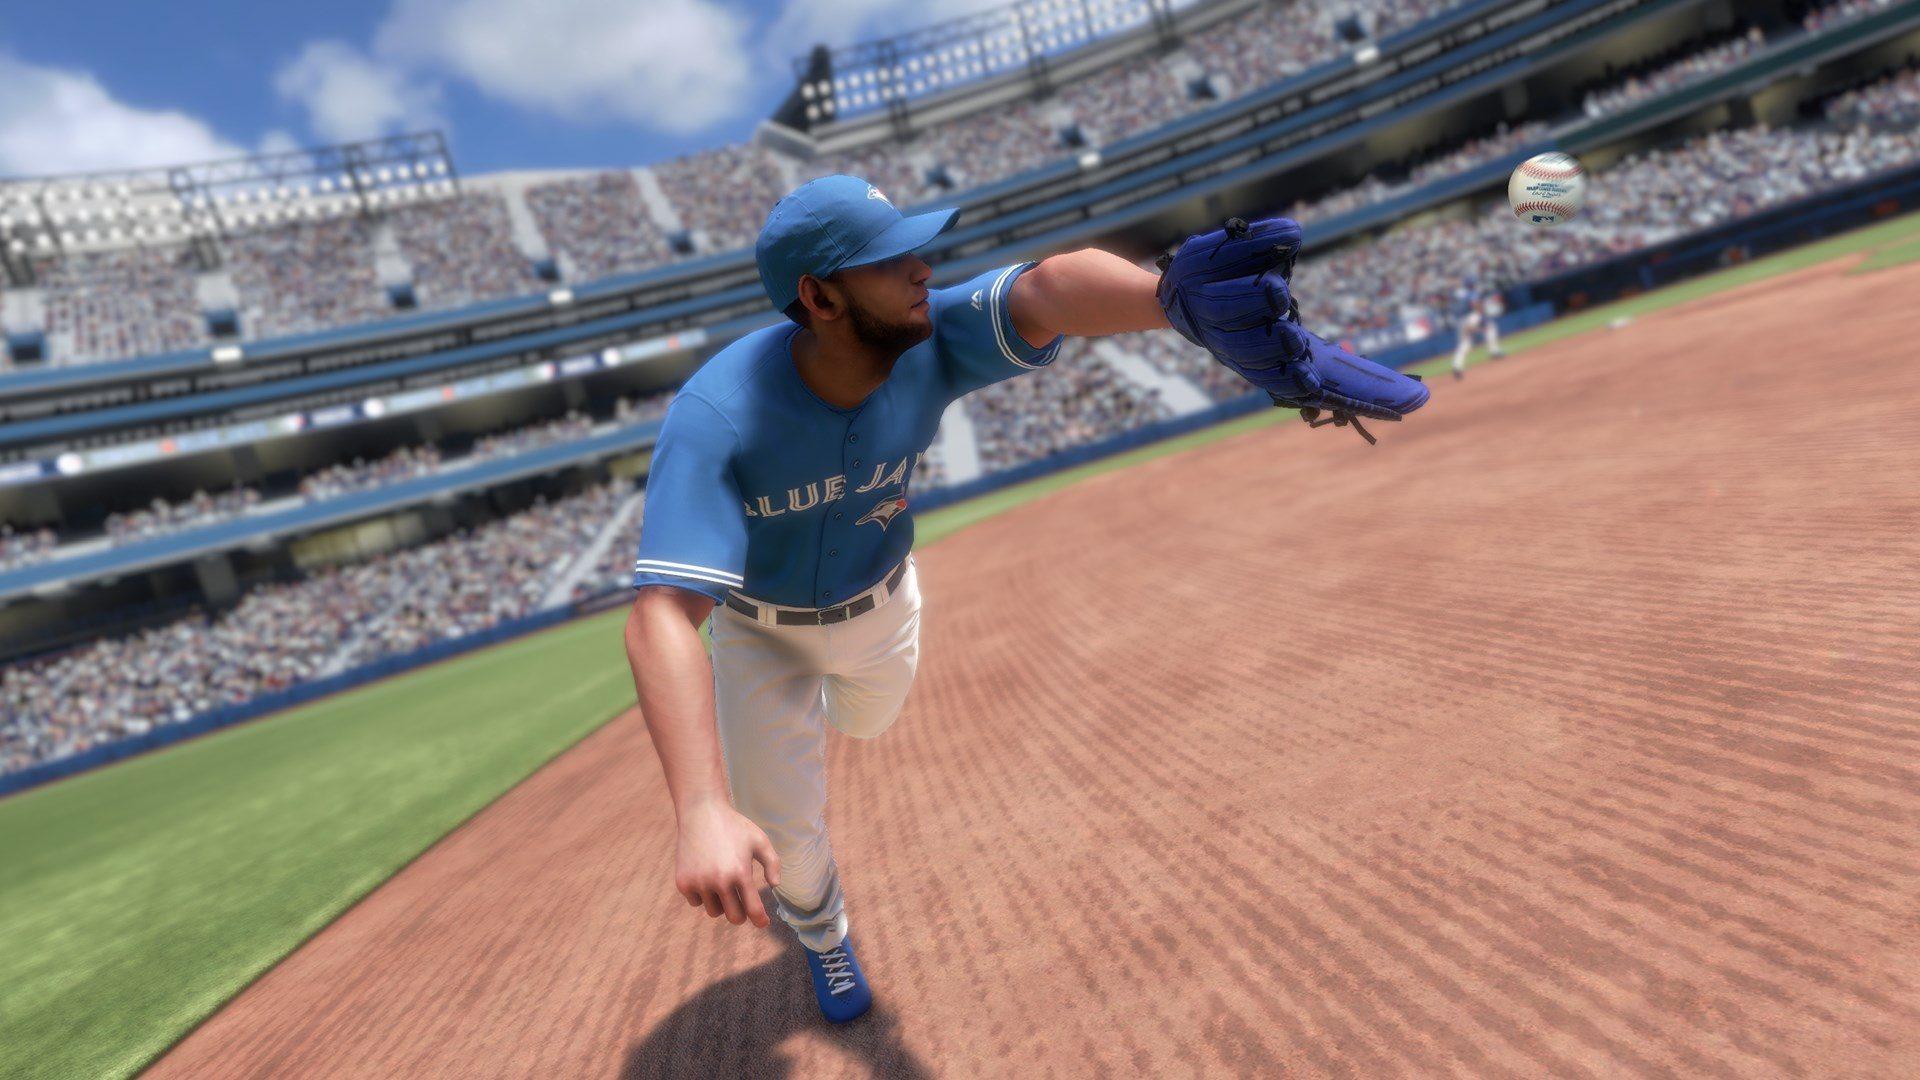 Спортивный симулятор R.B.I. Baseball 19 выйдет в марте